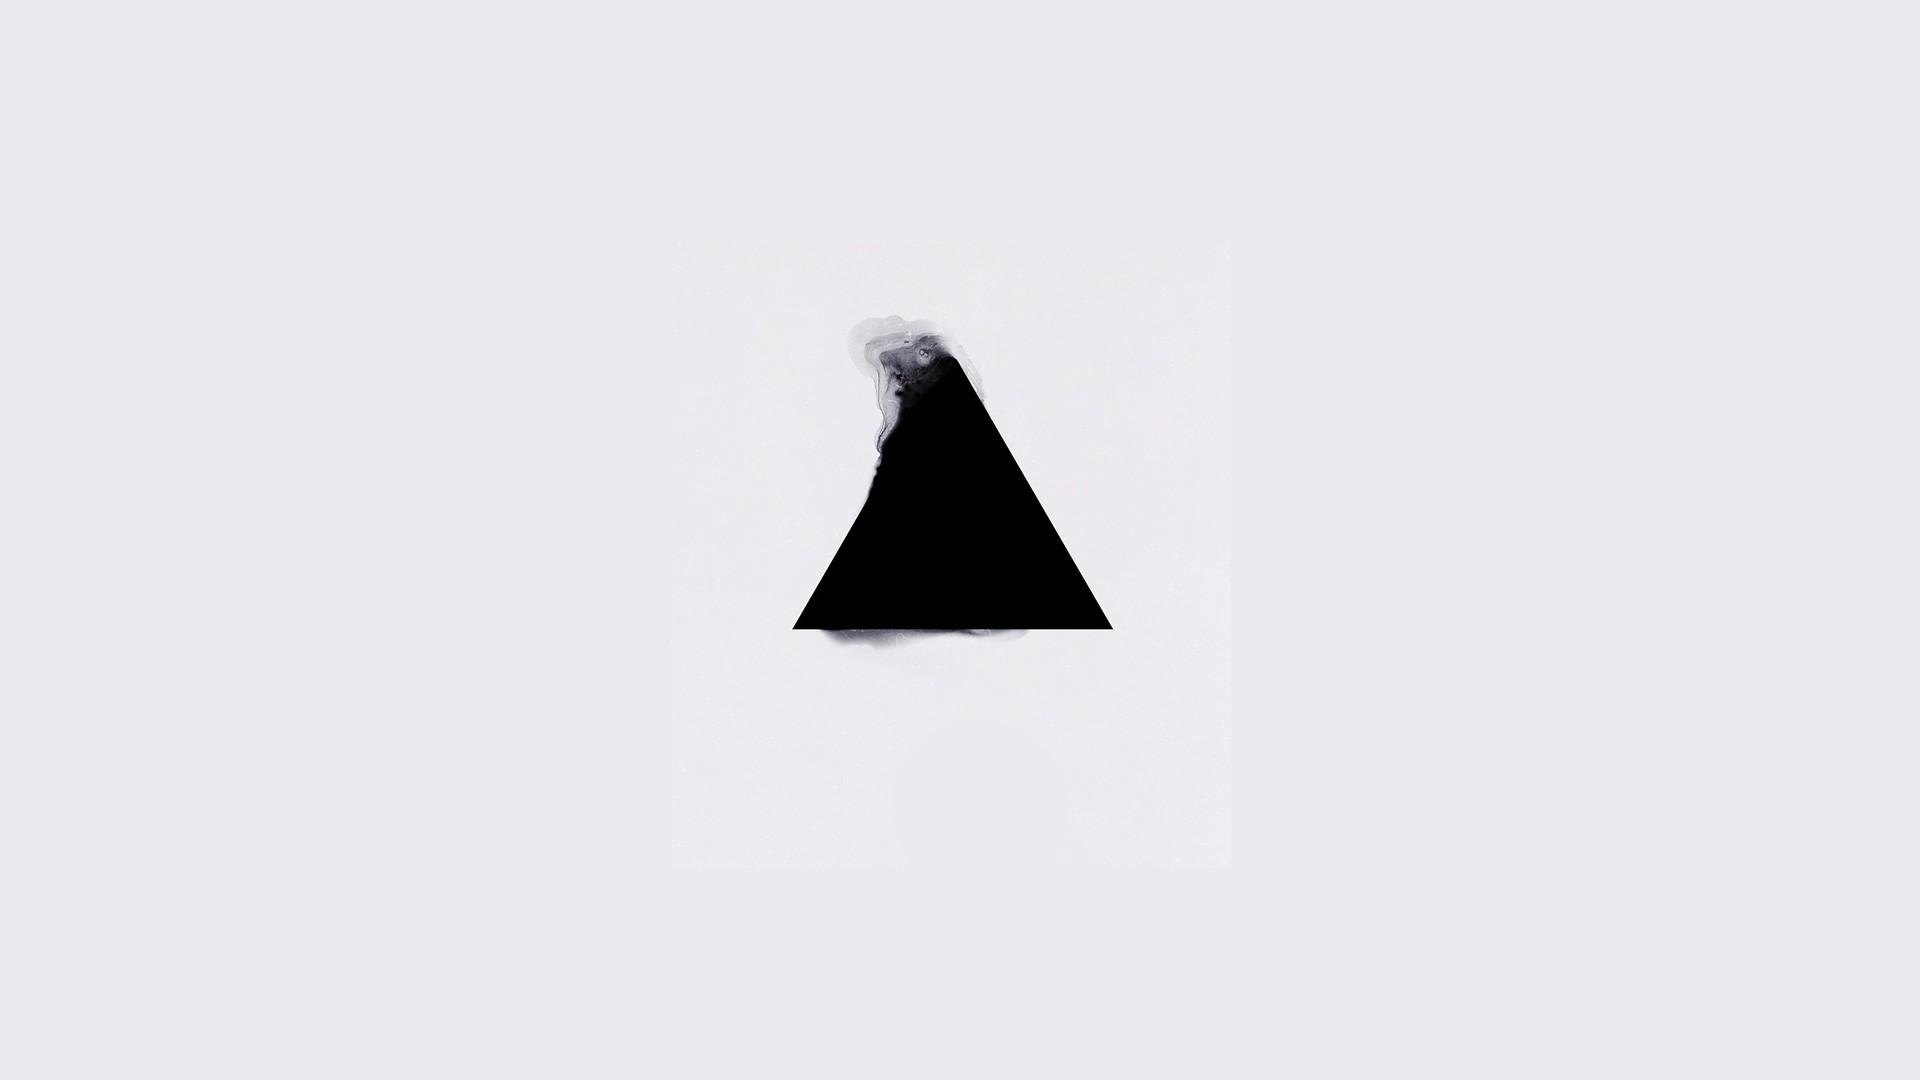 Triangles Illuminati Google Search Wallpaper Wp60013073